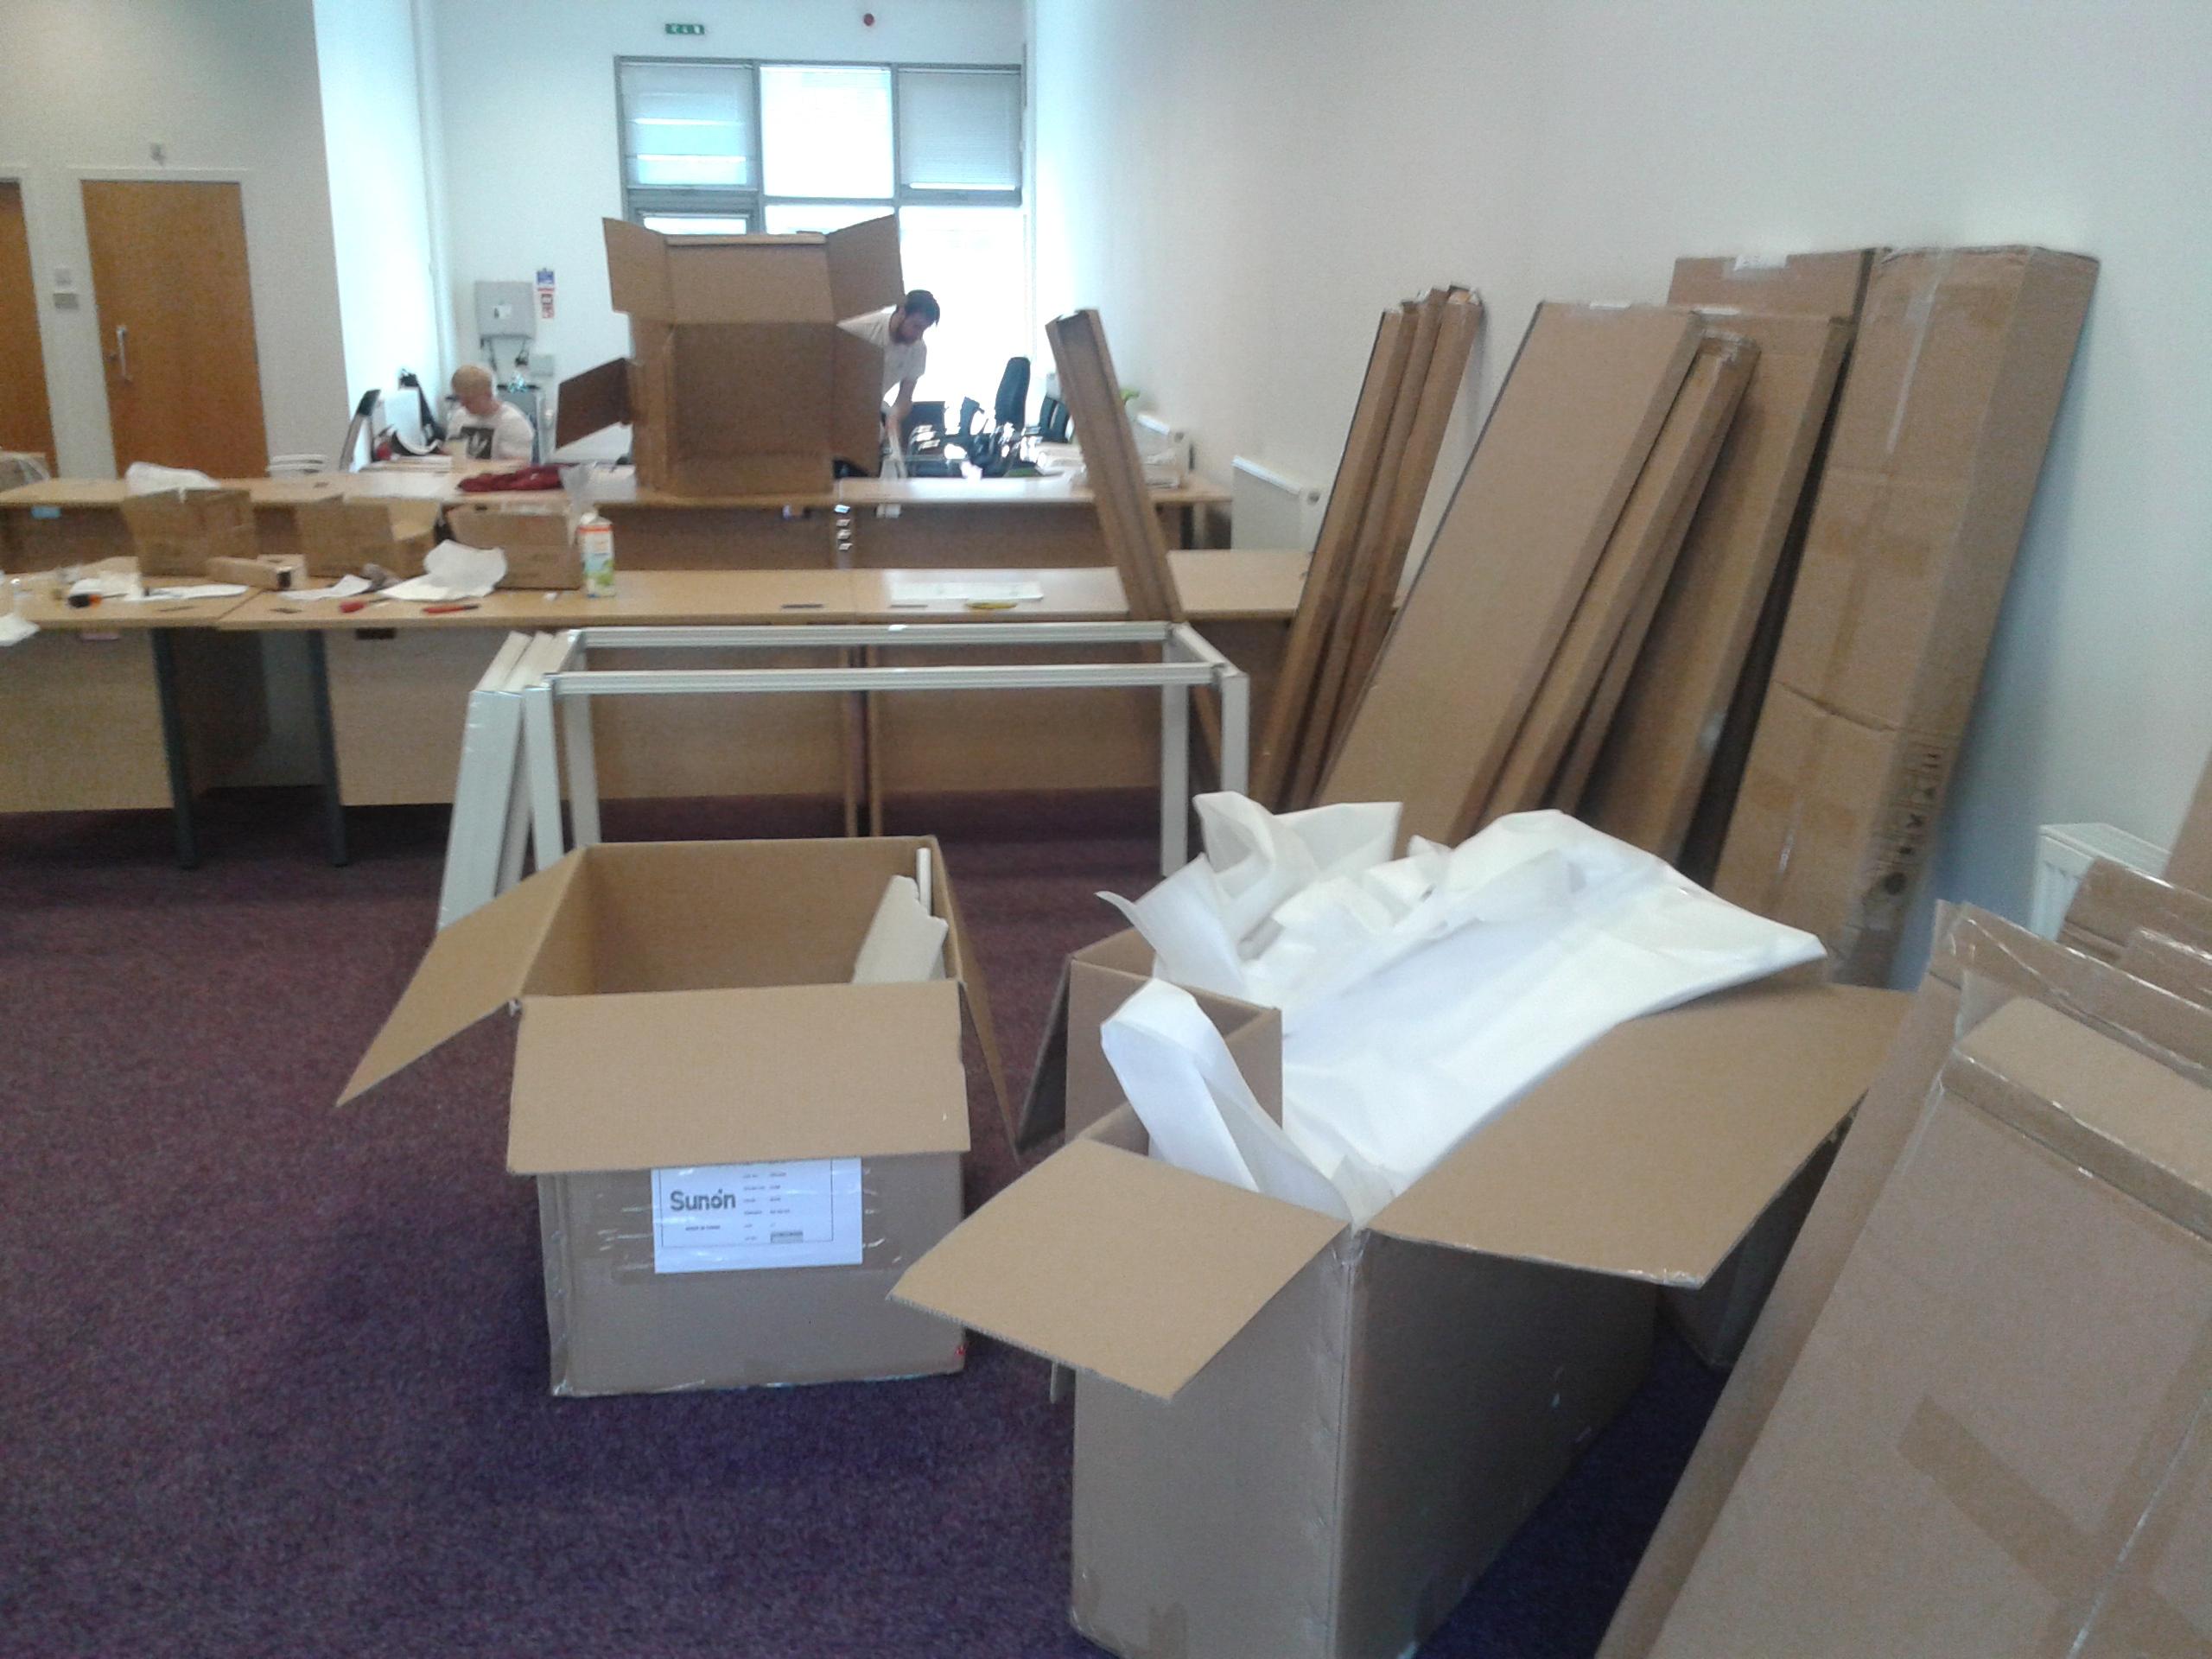 Flat pack assemblers